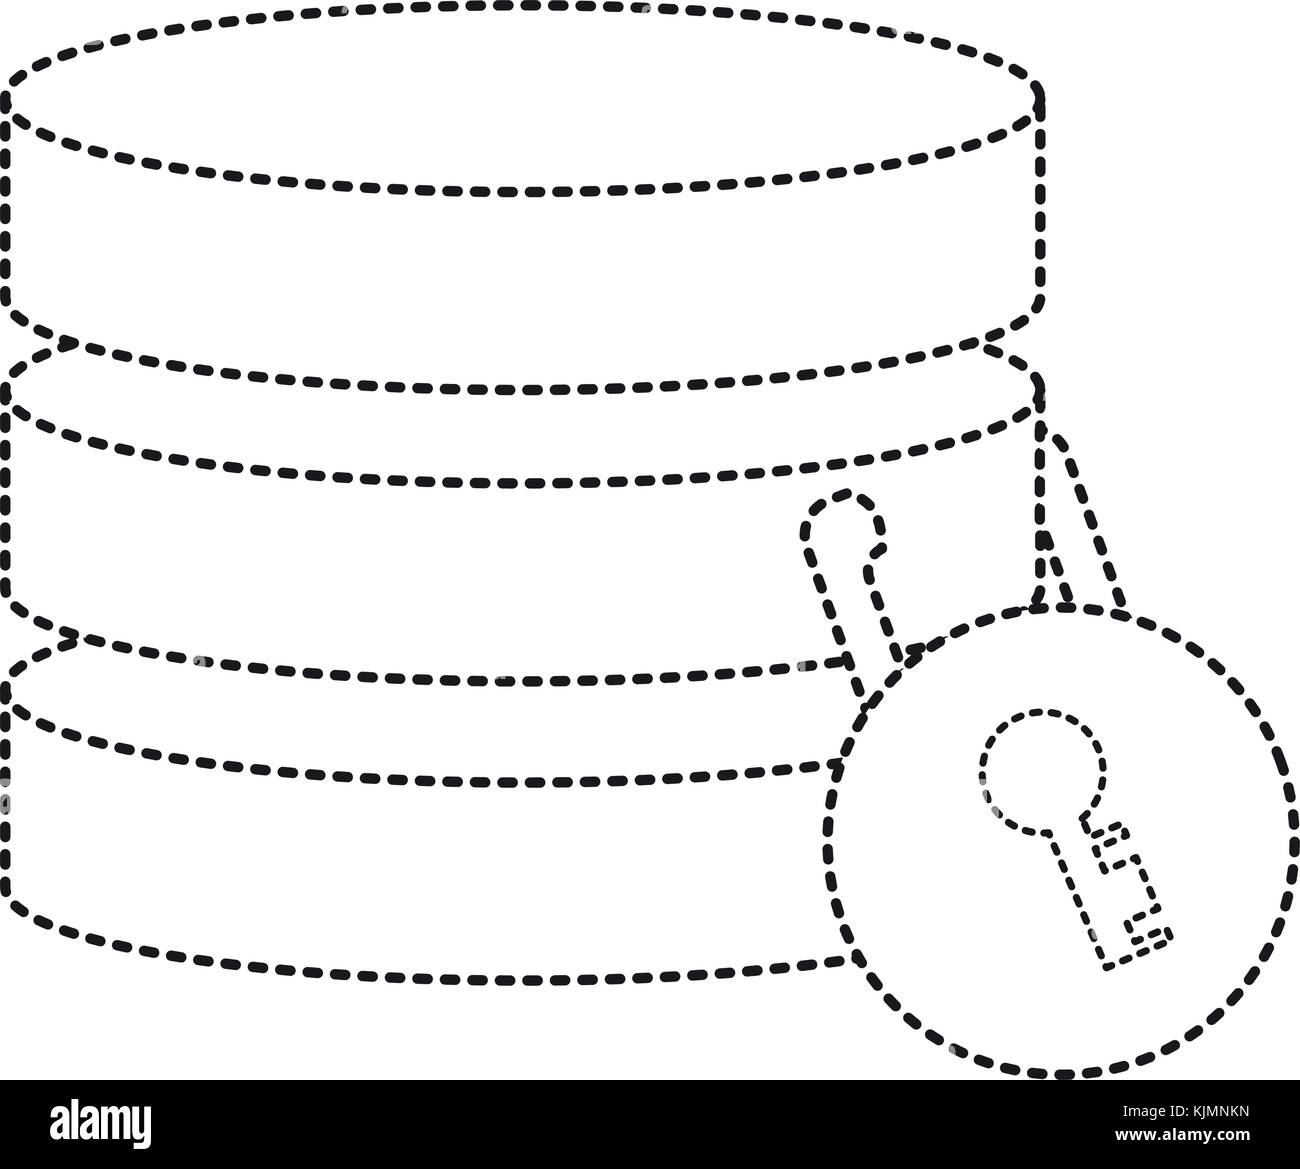 data center design  - Stock Image